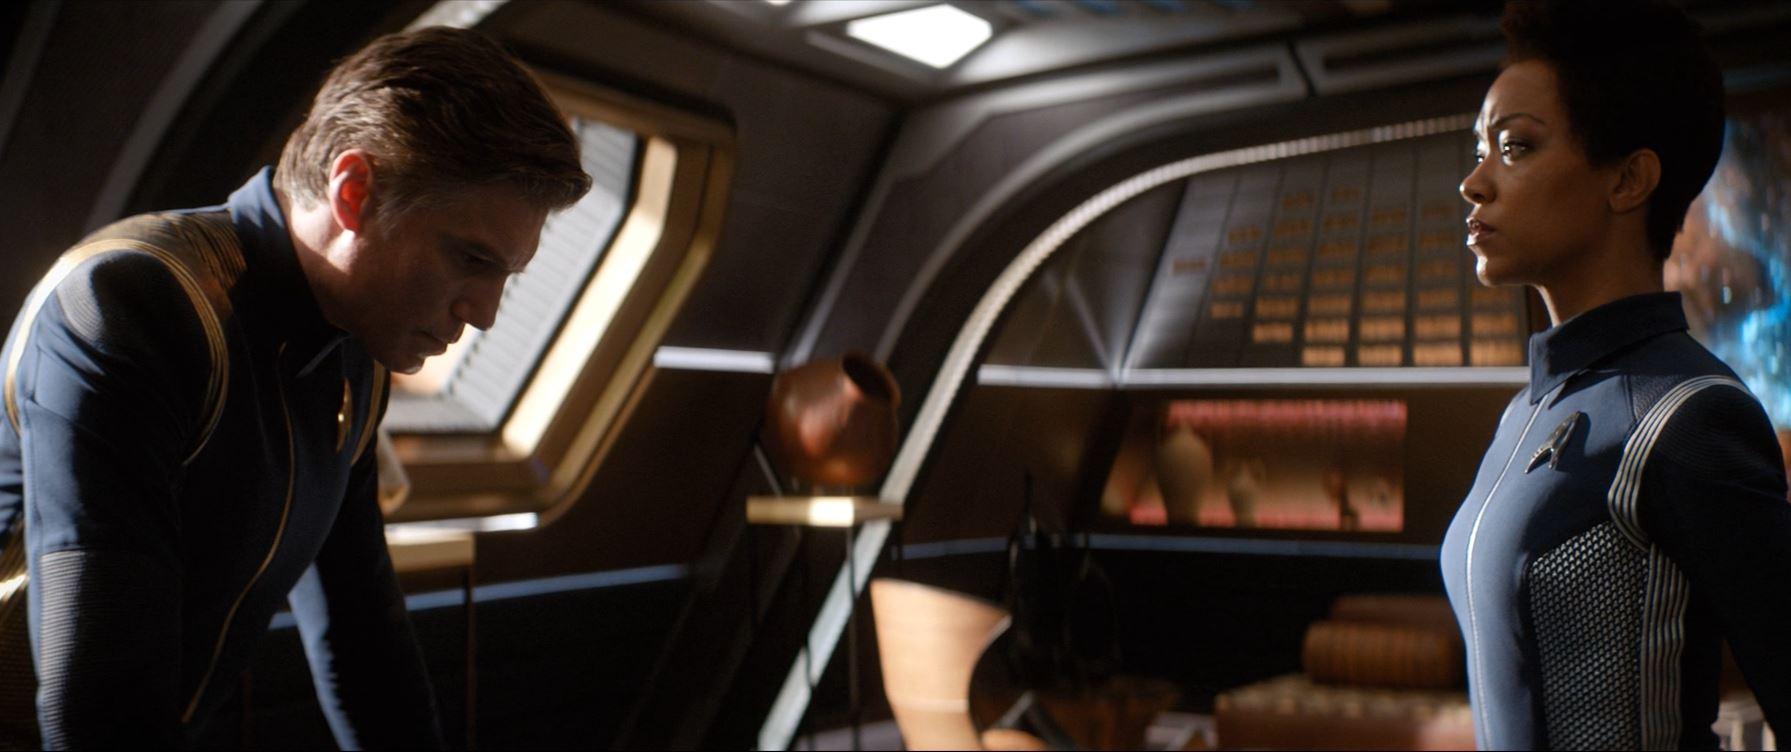 Burnham and Pike - Star Trek Discovery S02E02 New Eden Review